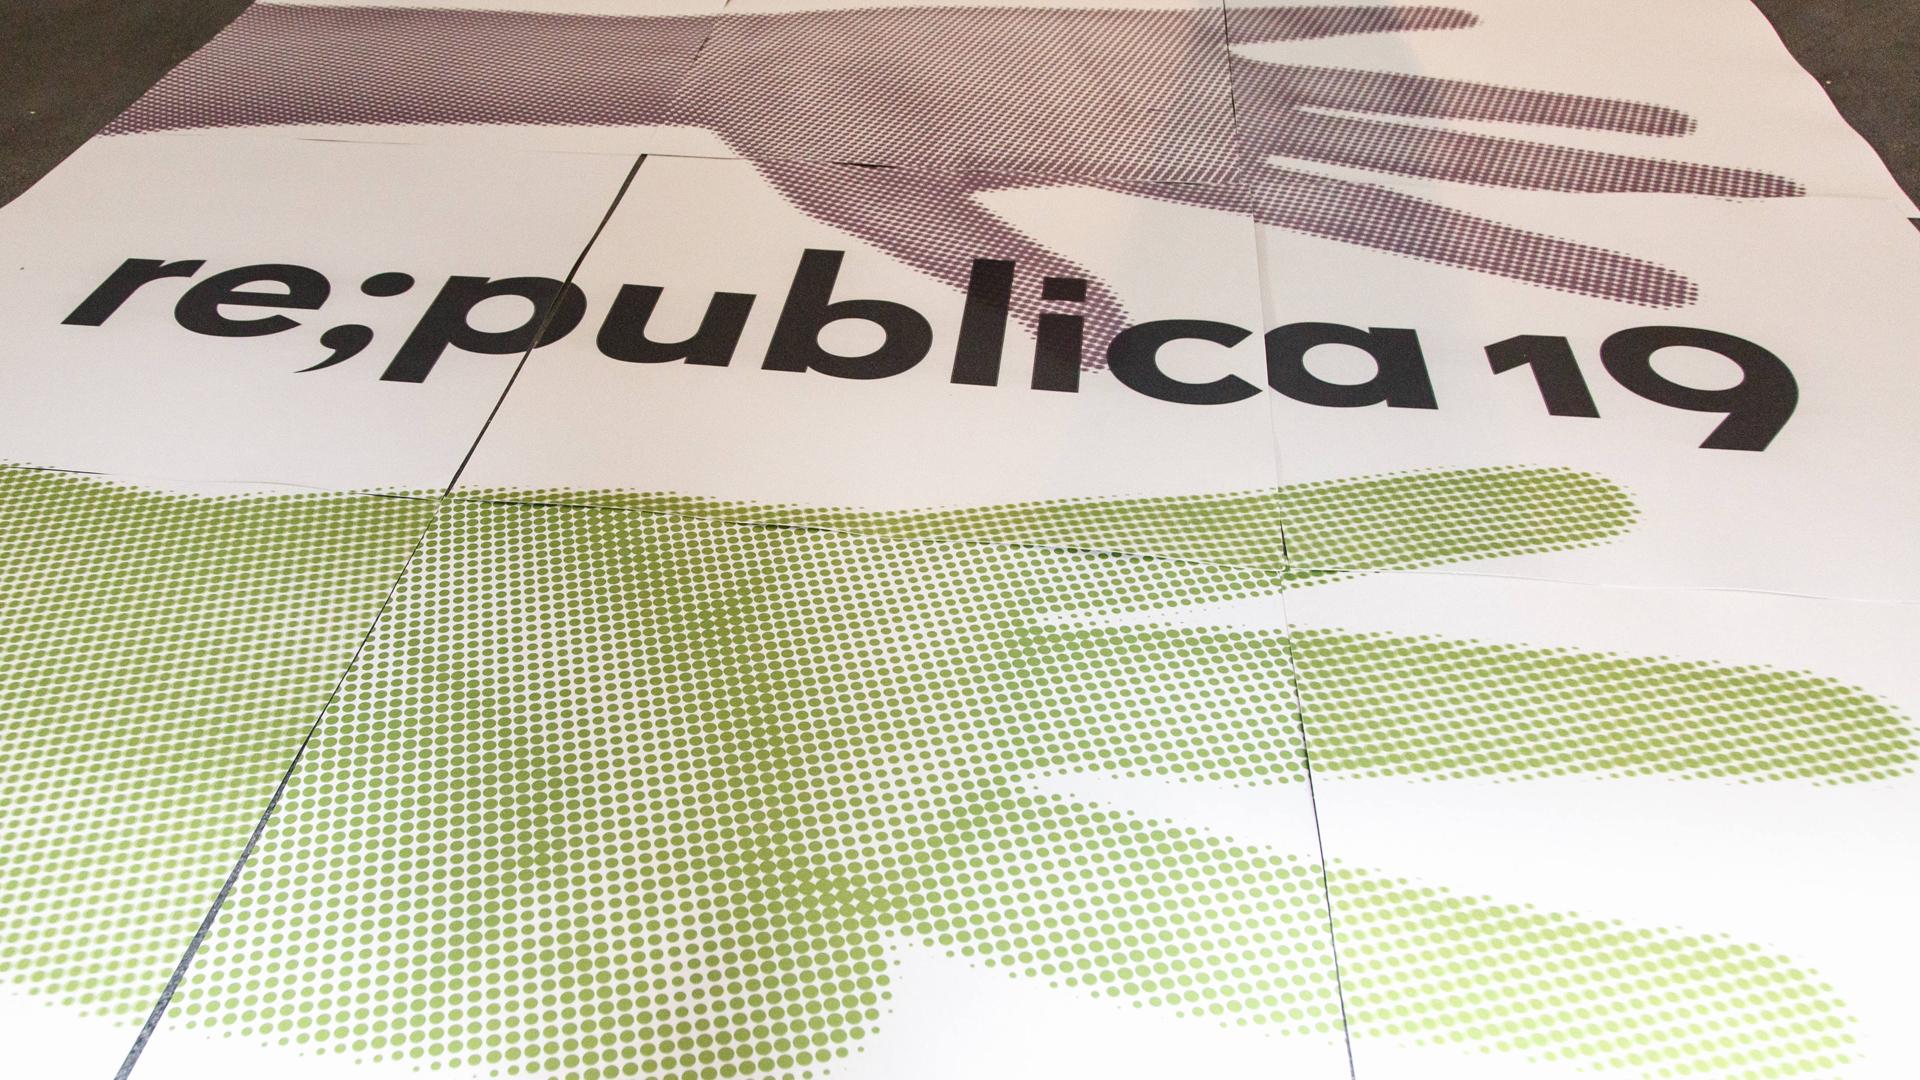 Die Republica widmet sich in diesem Jahr der Ausführlichkeit: Recherche statt Populismus, Debatte statt Fake-News